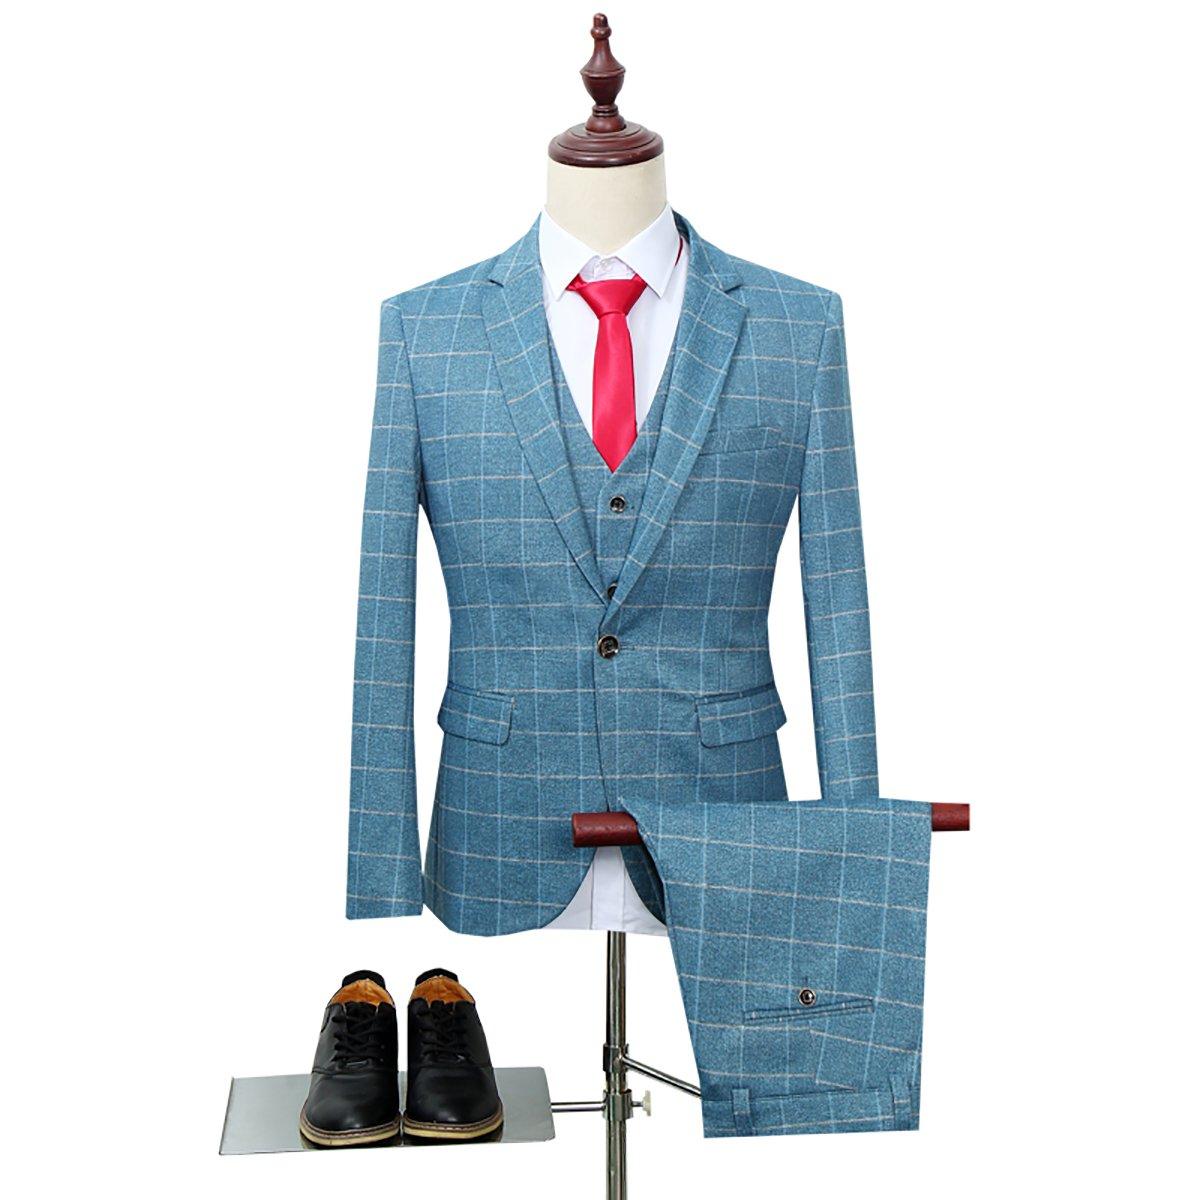 Amazon.com: Cloudstyle: Formal Suit